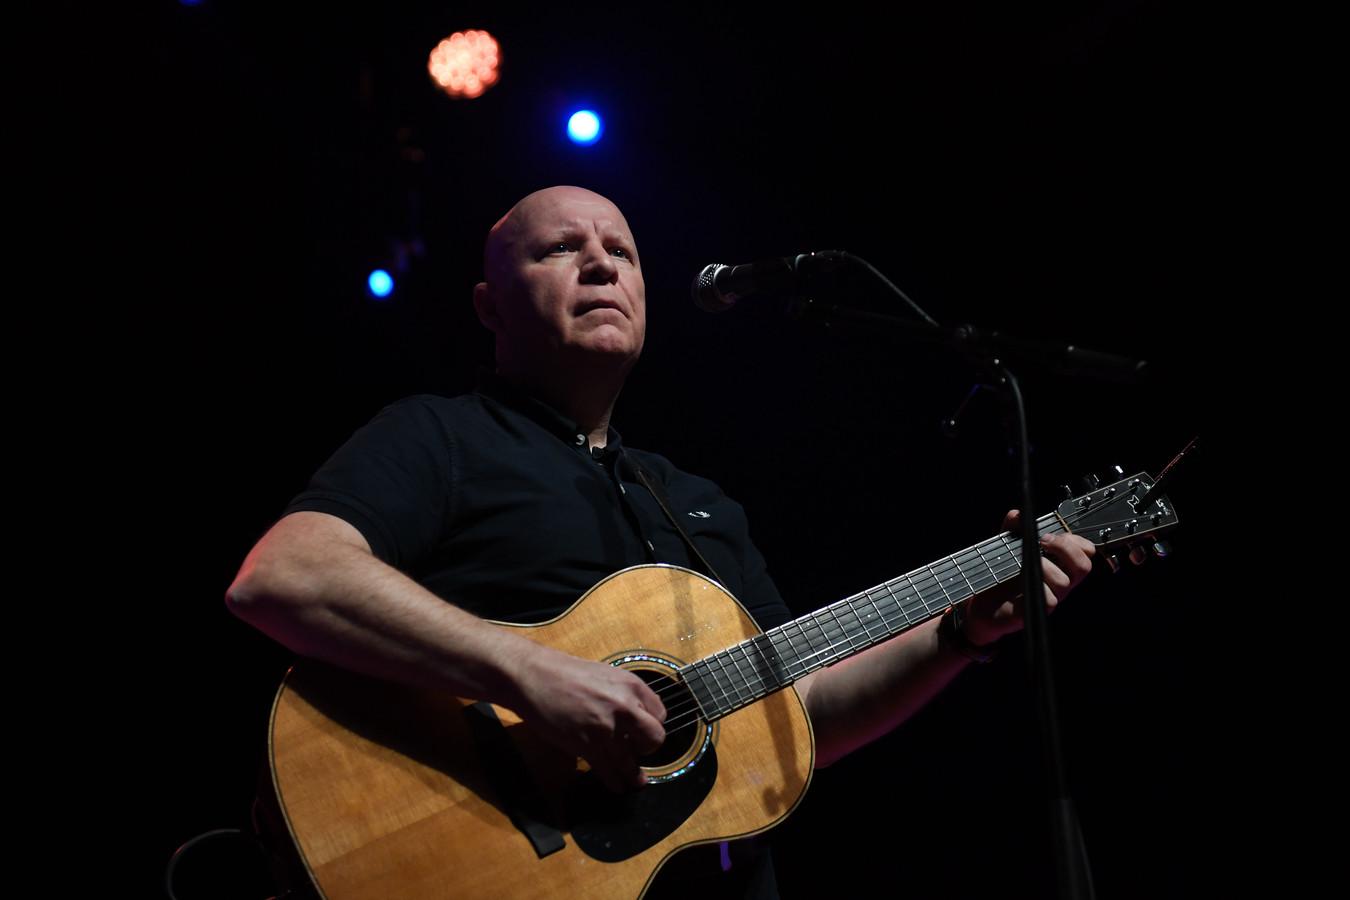 Onder andere Frank Vander Linden treedt op tijdens de Parkconcerten.